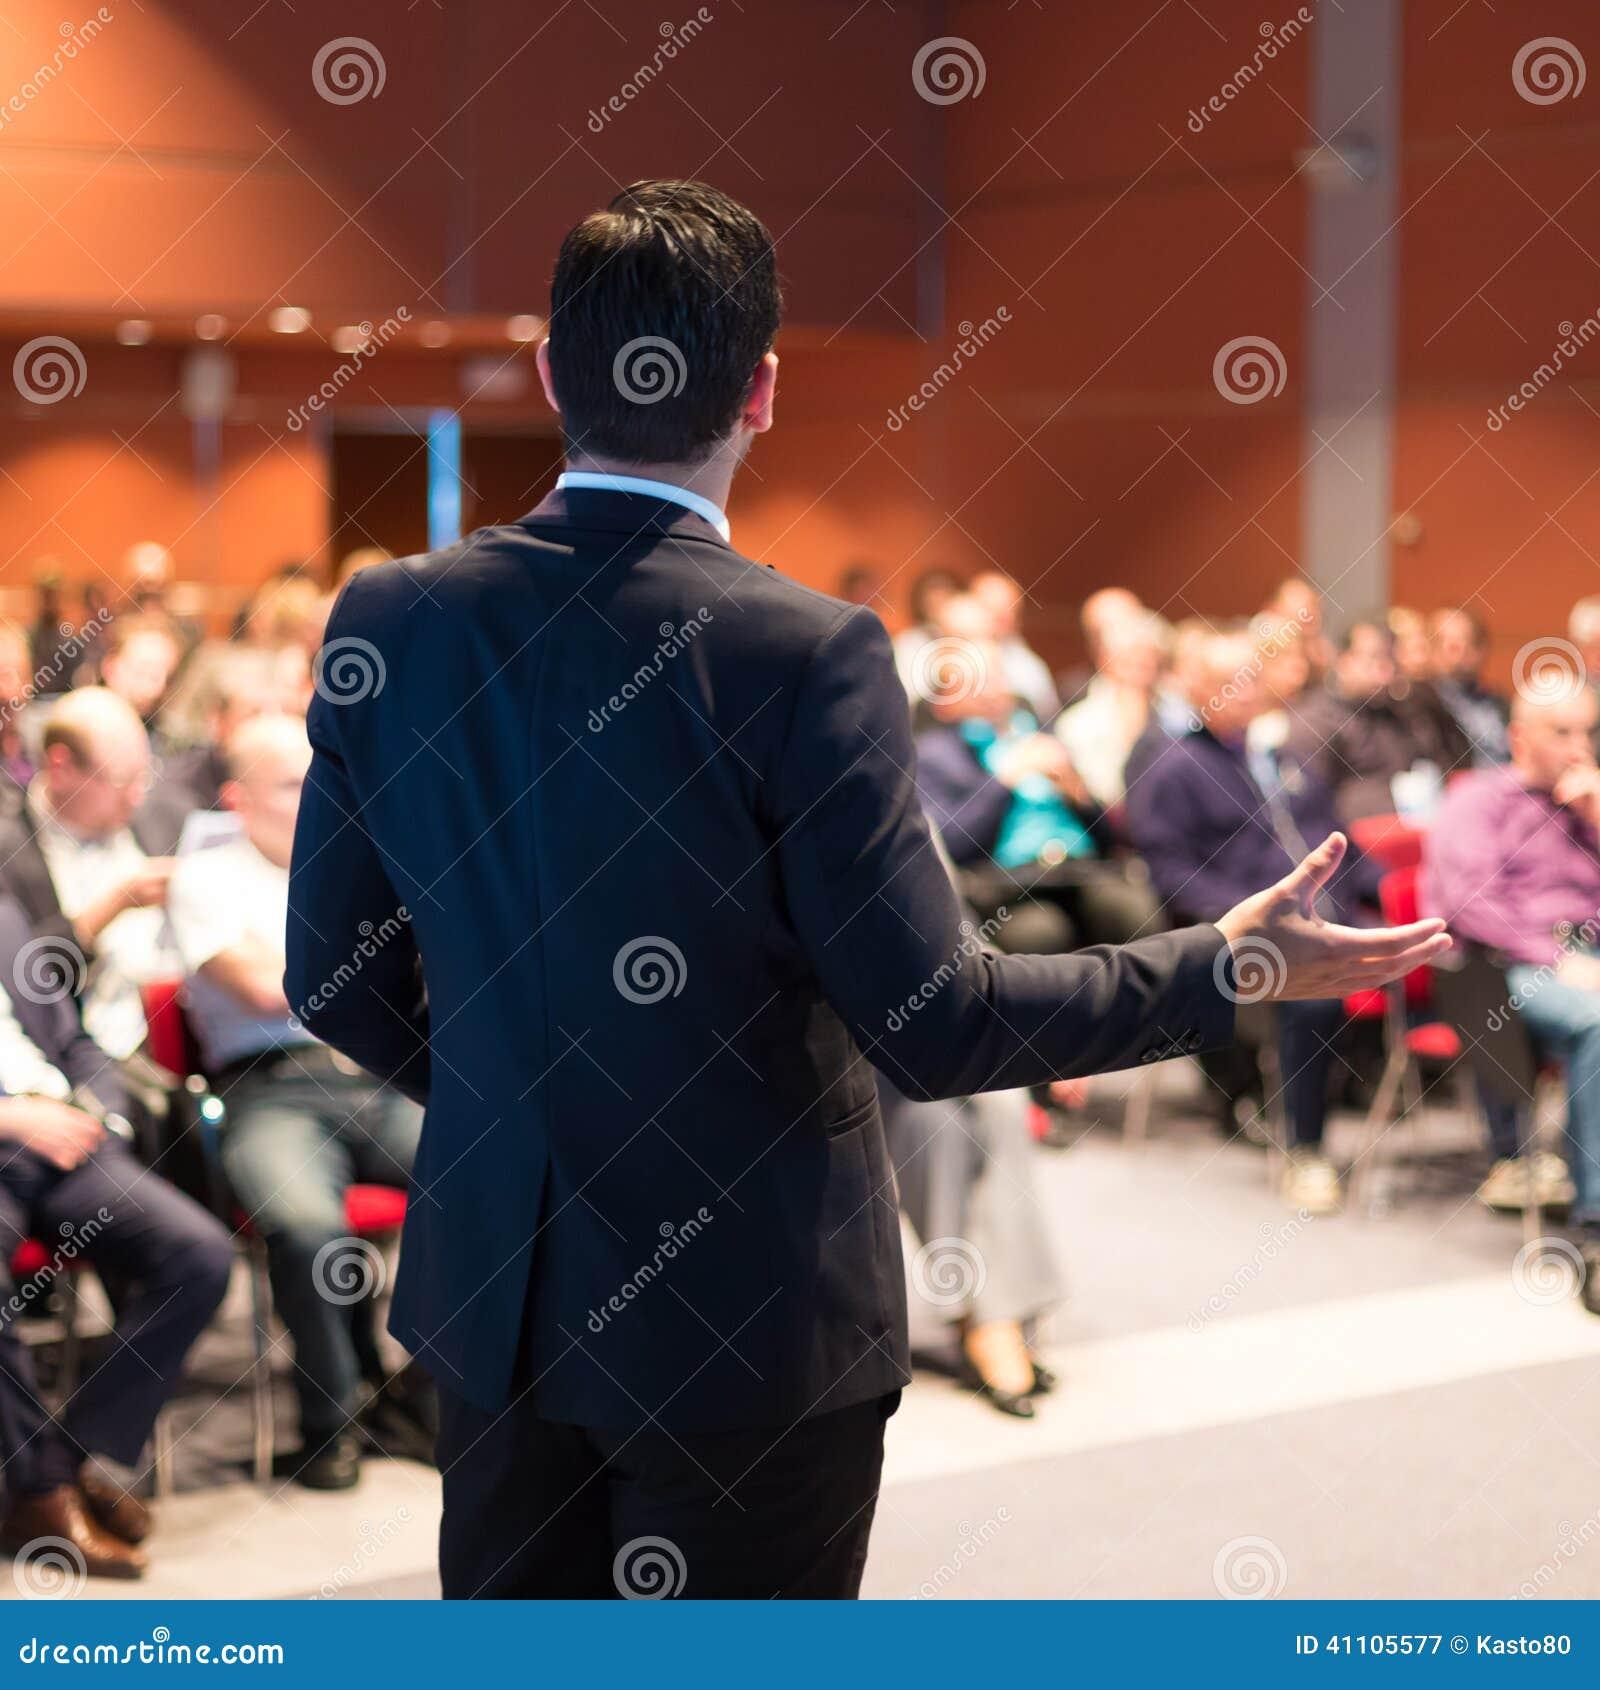 Sprecher bei der Geschäftskonferenz und der Darstellung